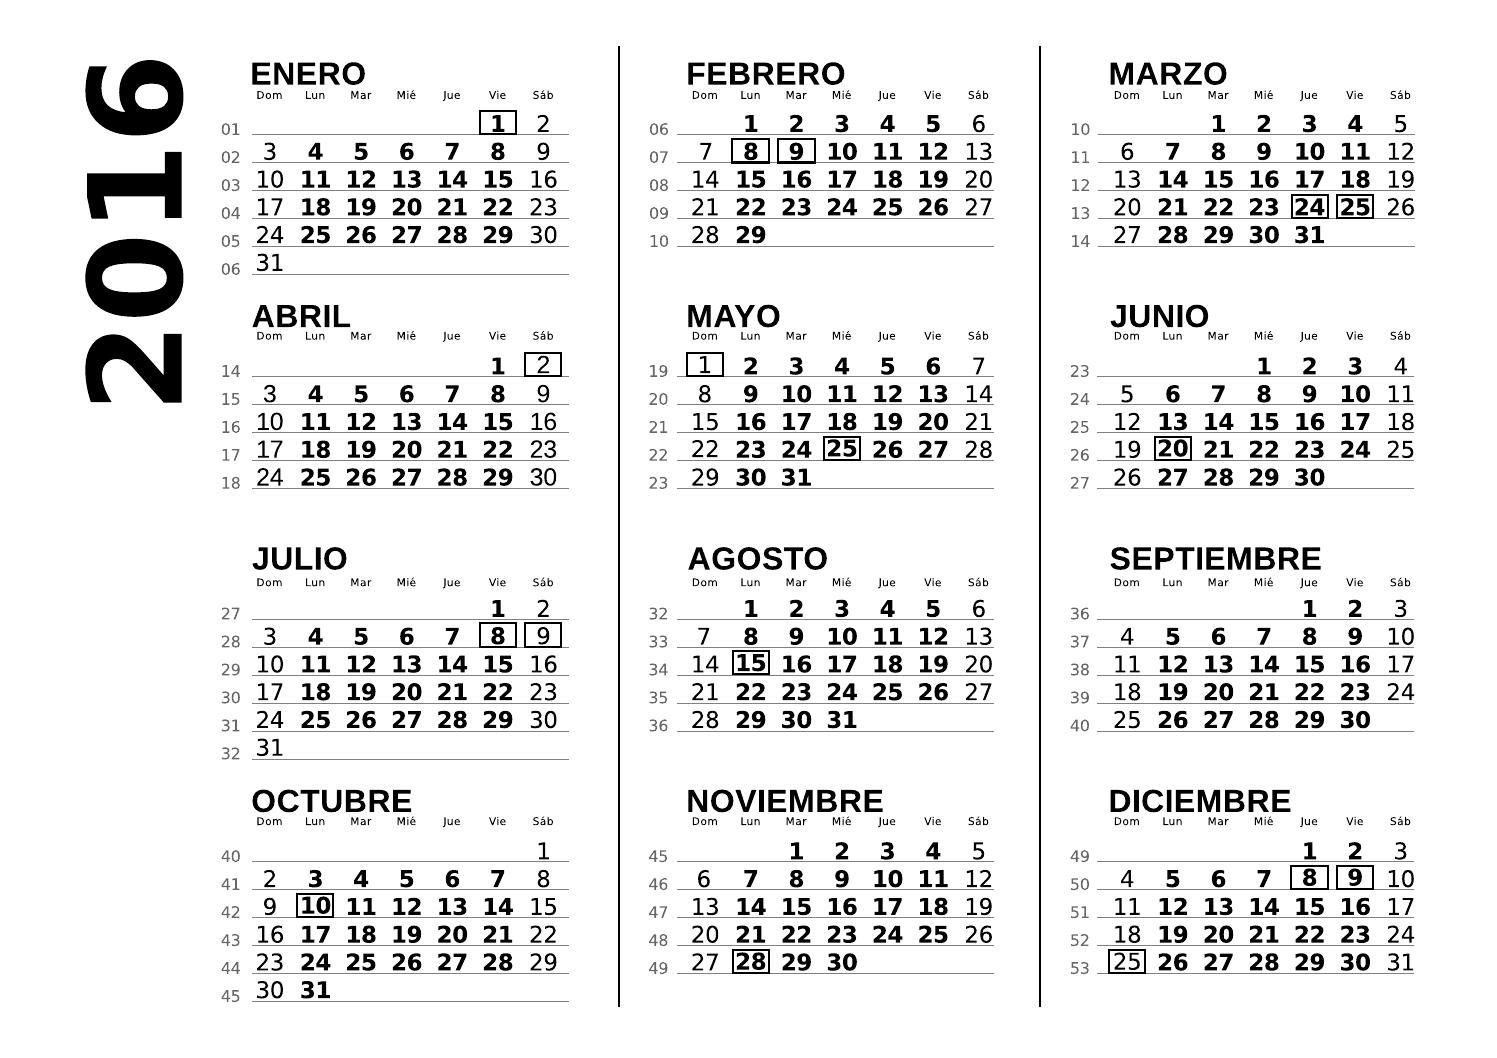 Calendario 2016 Argentina.Calendario 2016 Argentina By Dafeba Issuu